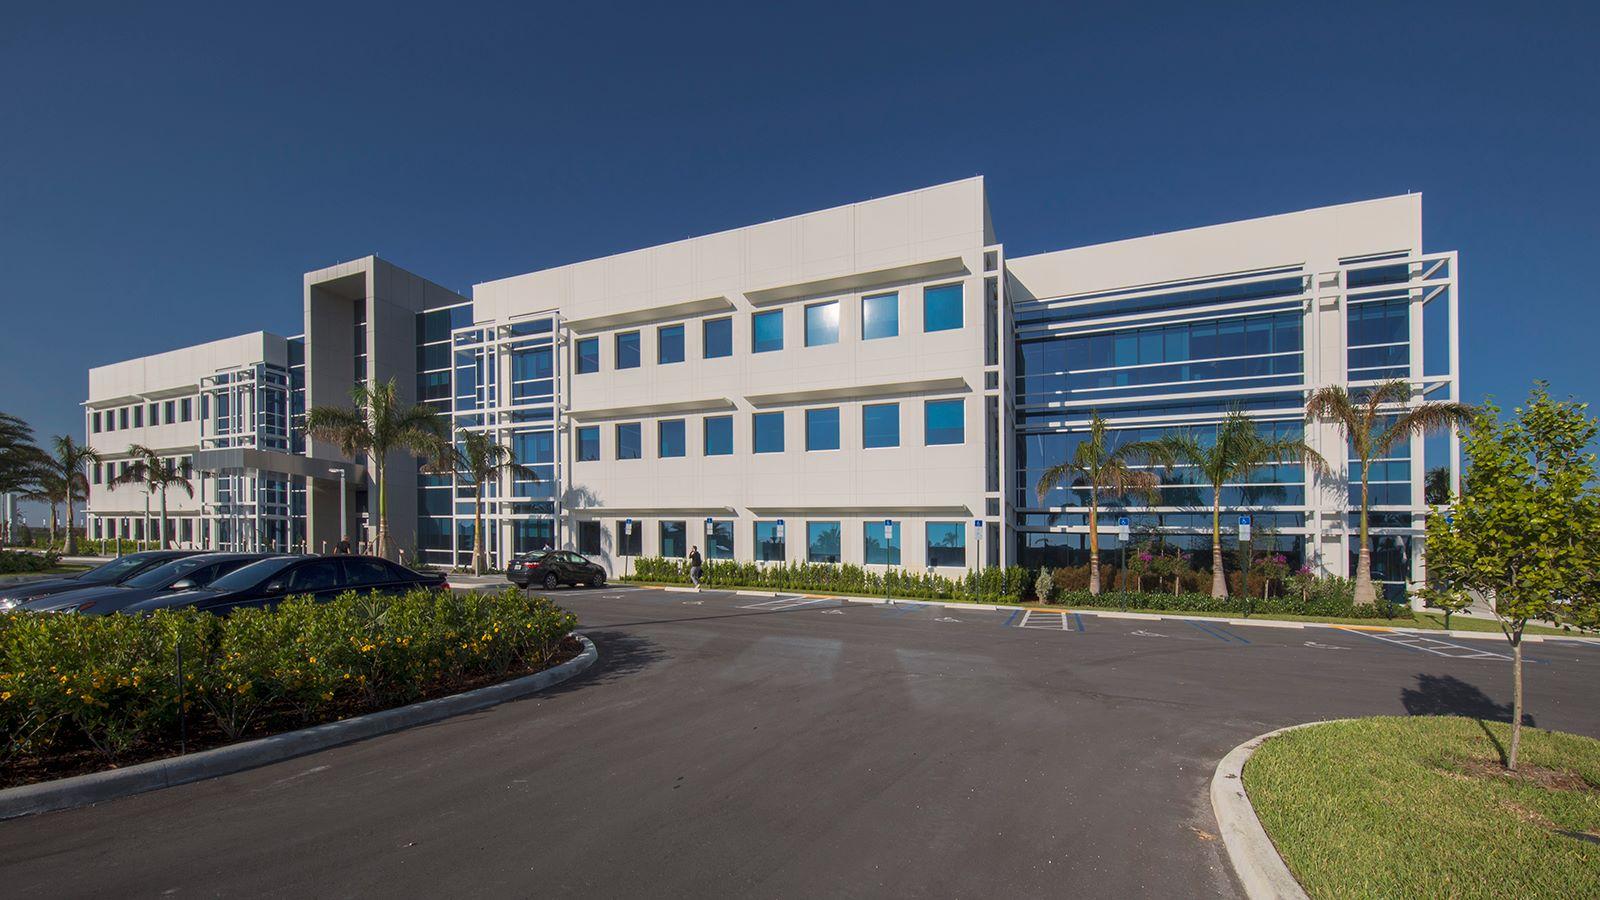 Telemundo Collaborative Campus Building Exterior, Miami - Mace Group